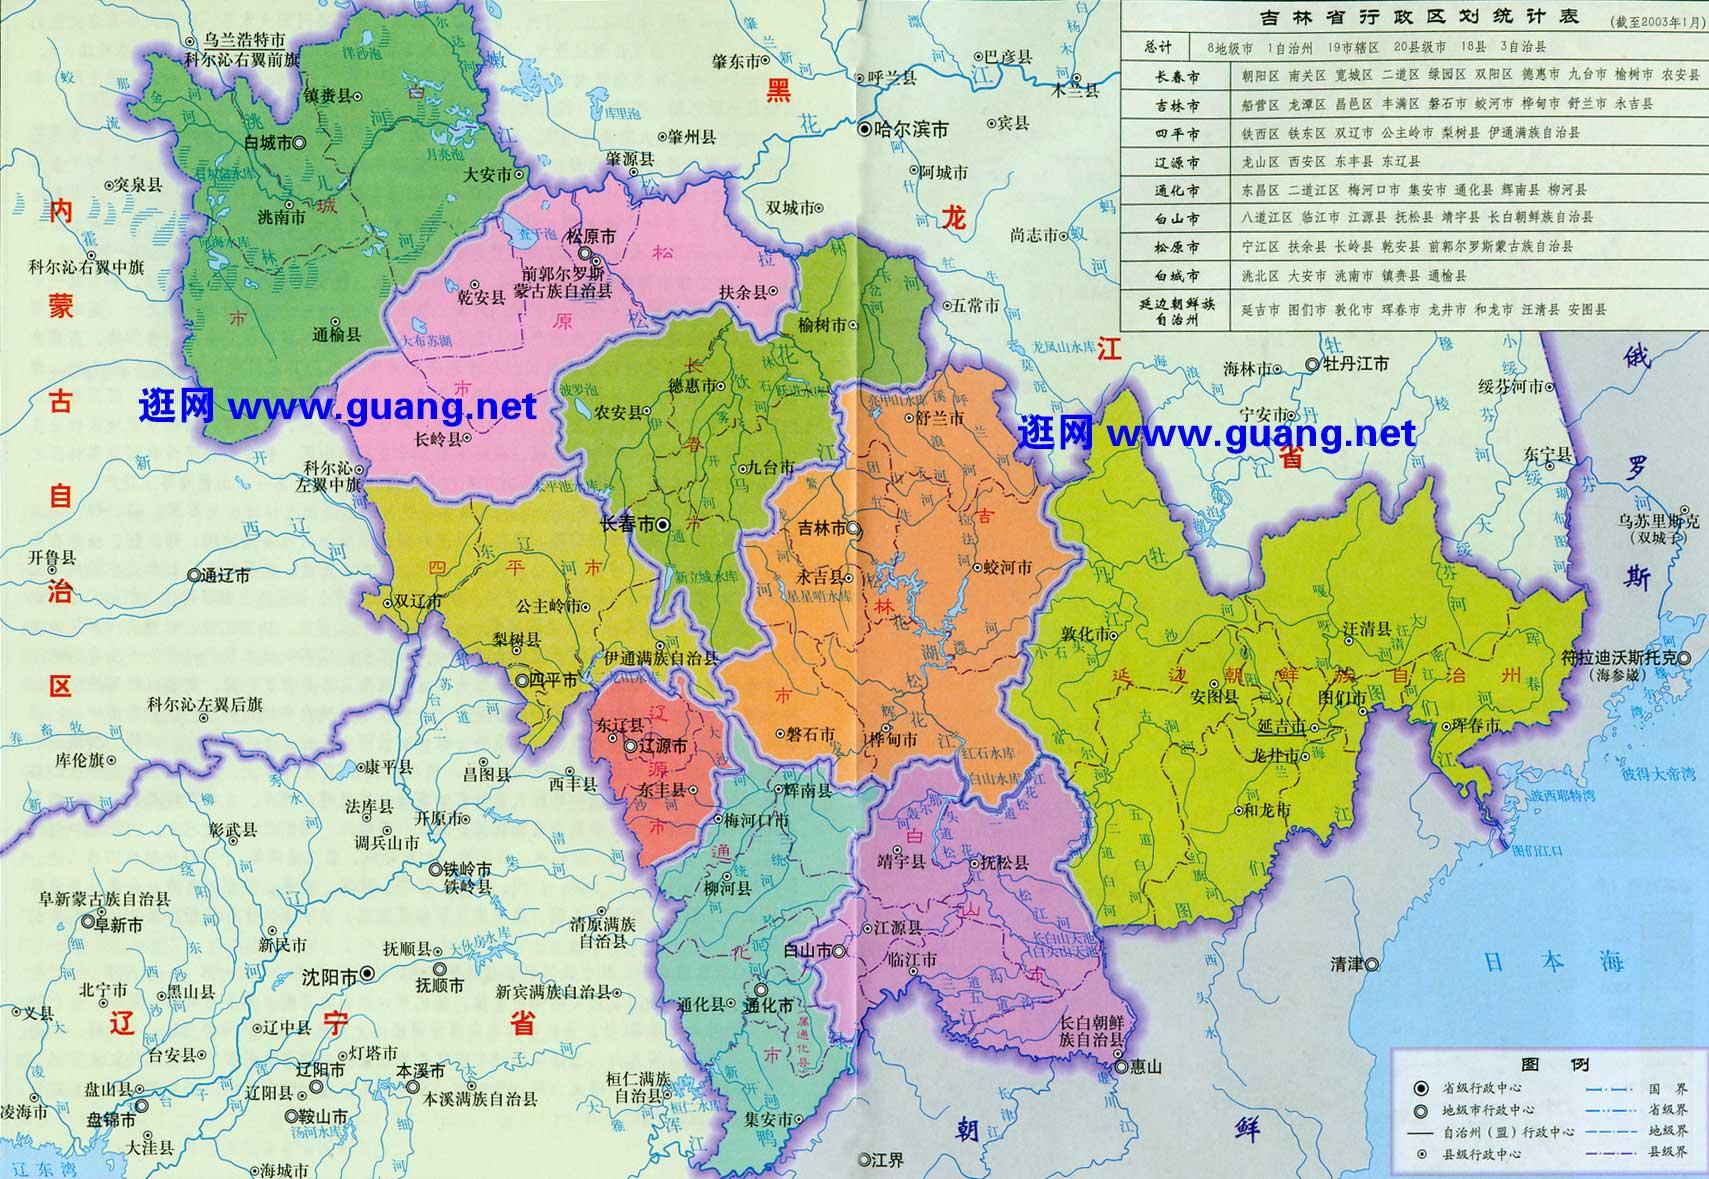 2015年版吉林地图-吉林地形图